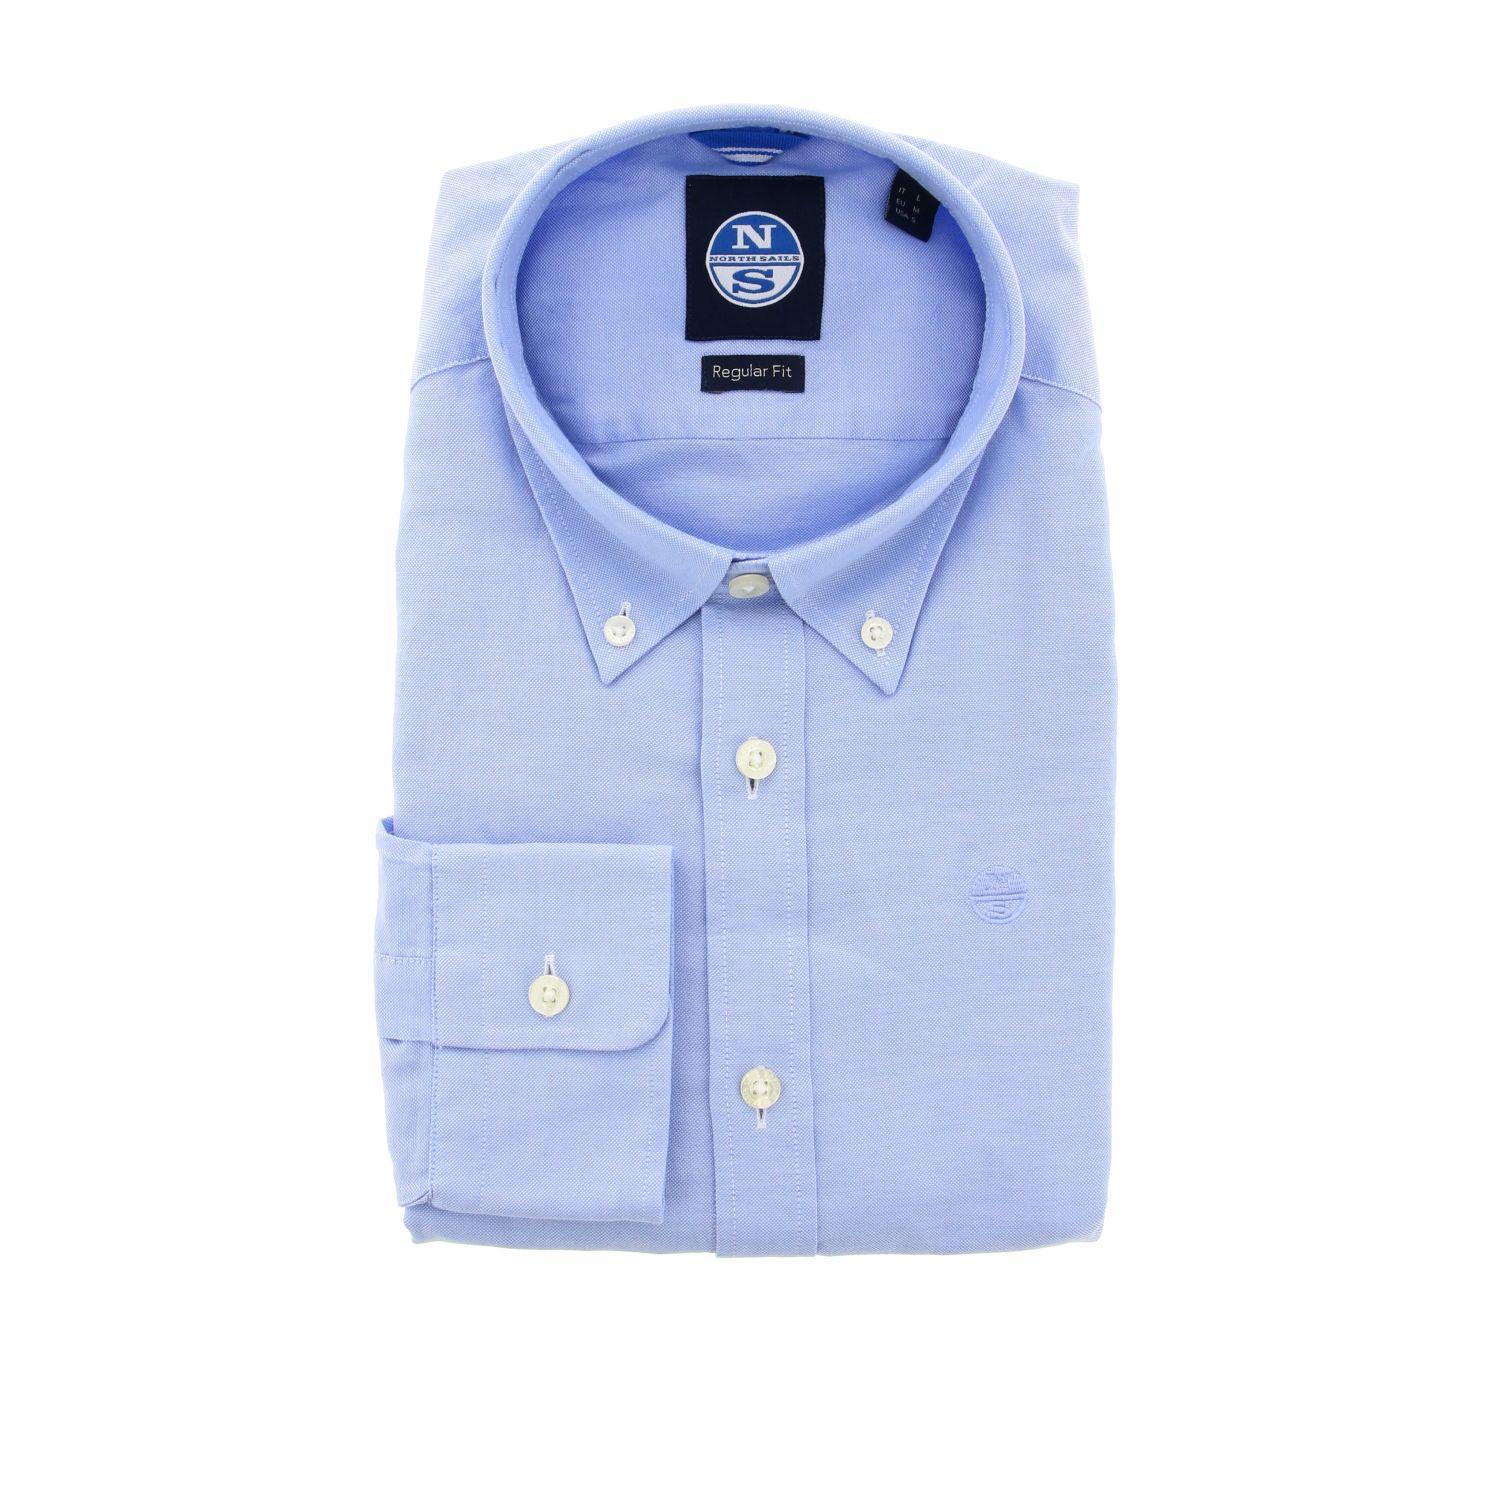 Camicia North Sails: Camicia North Sails con collo button down celeste 1